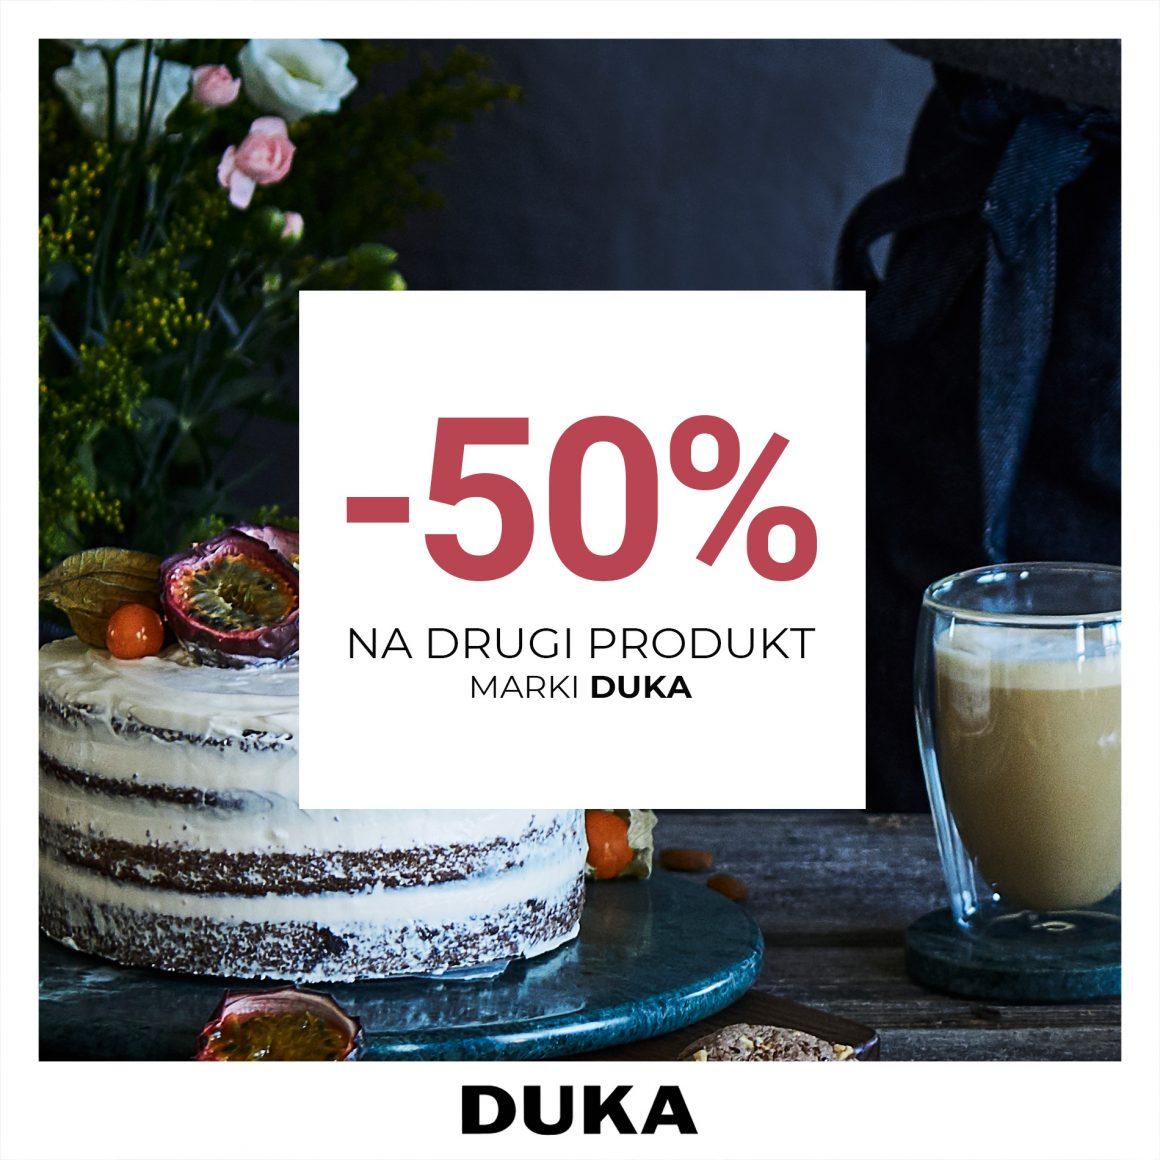 -50% na drugi produkt marki DUKA